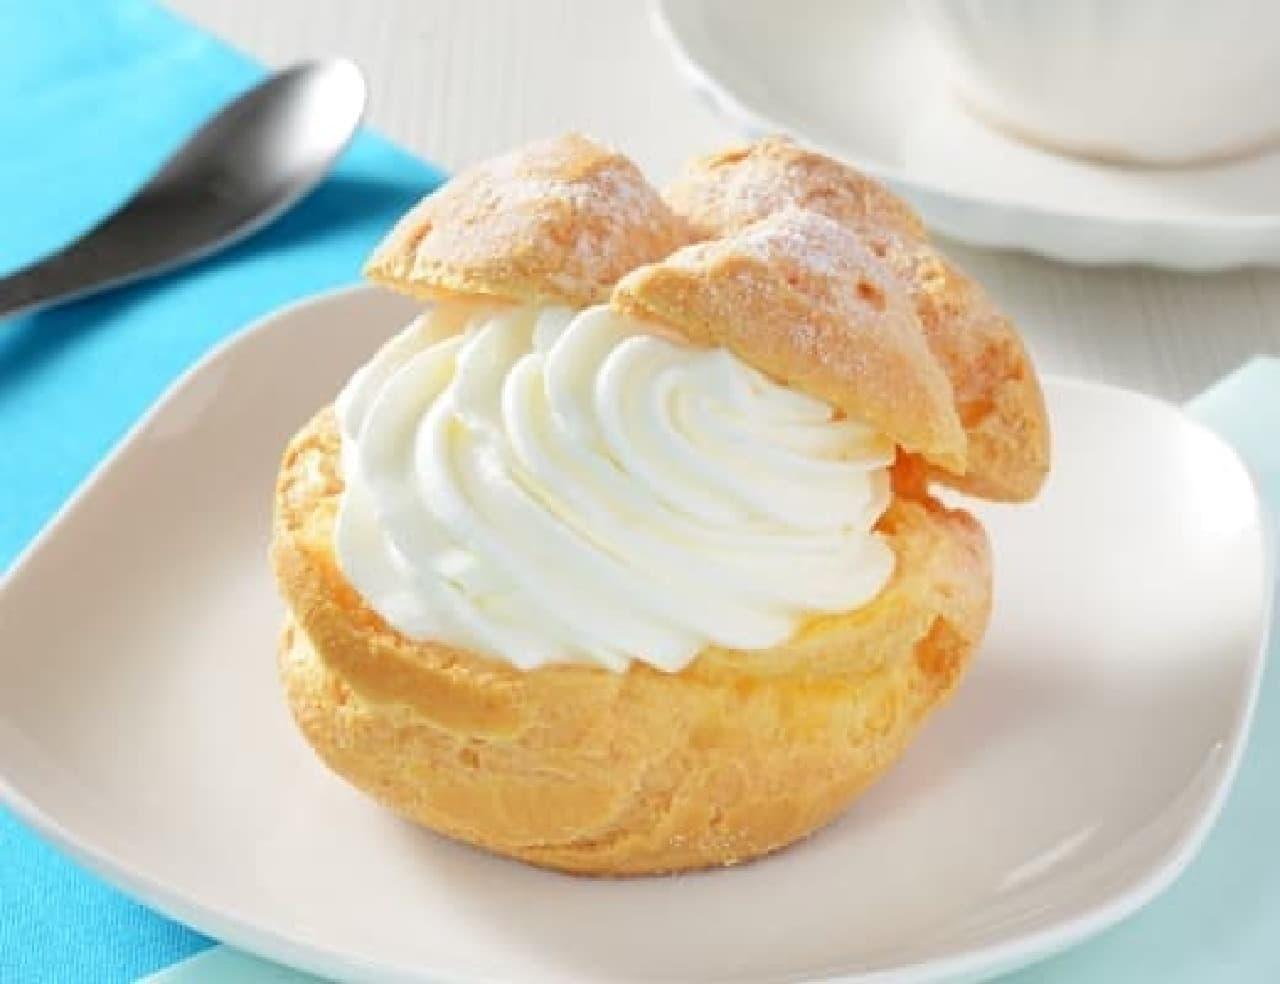 ローソン「Uchi Cafe×生クリーム専門店Milk MILKシュークリーム」